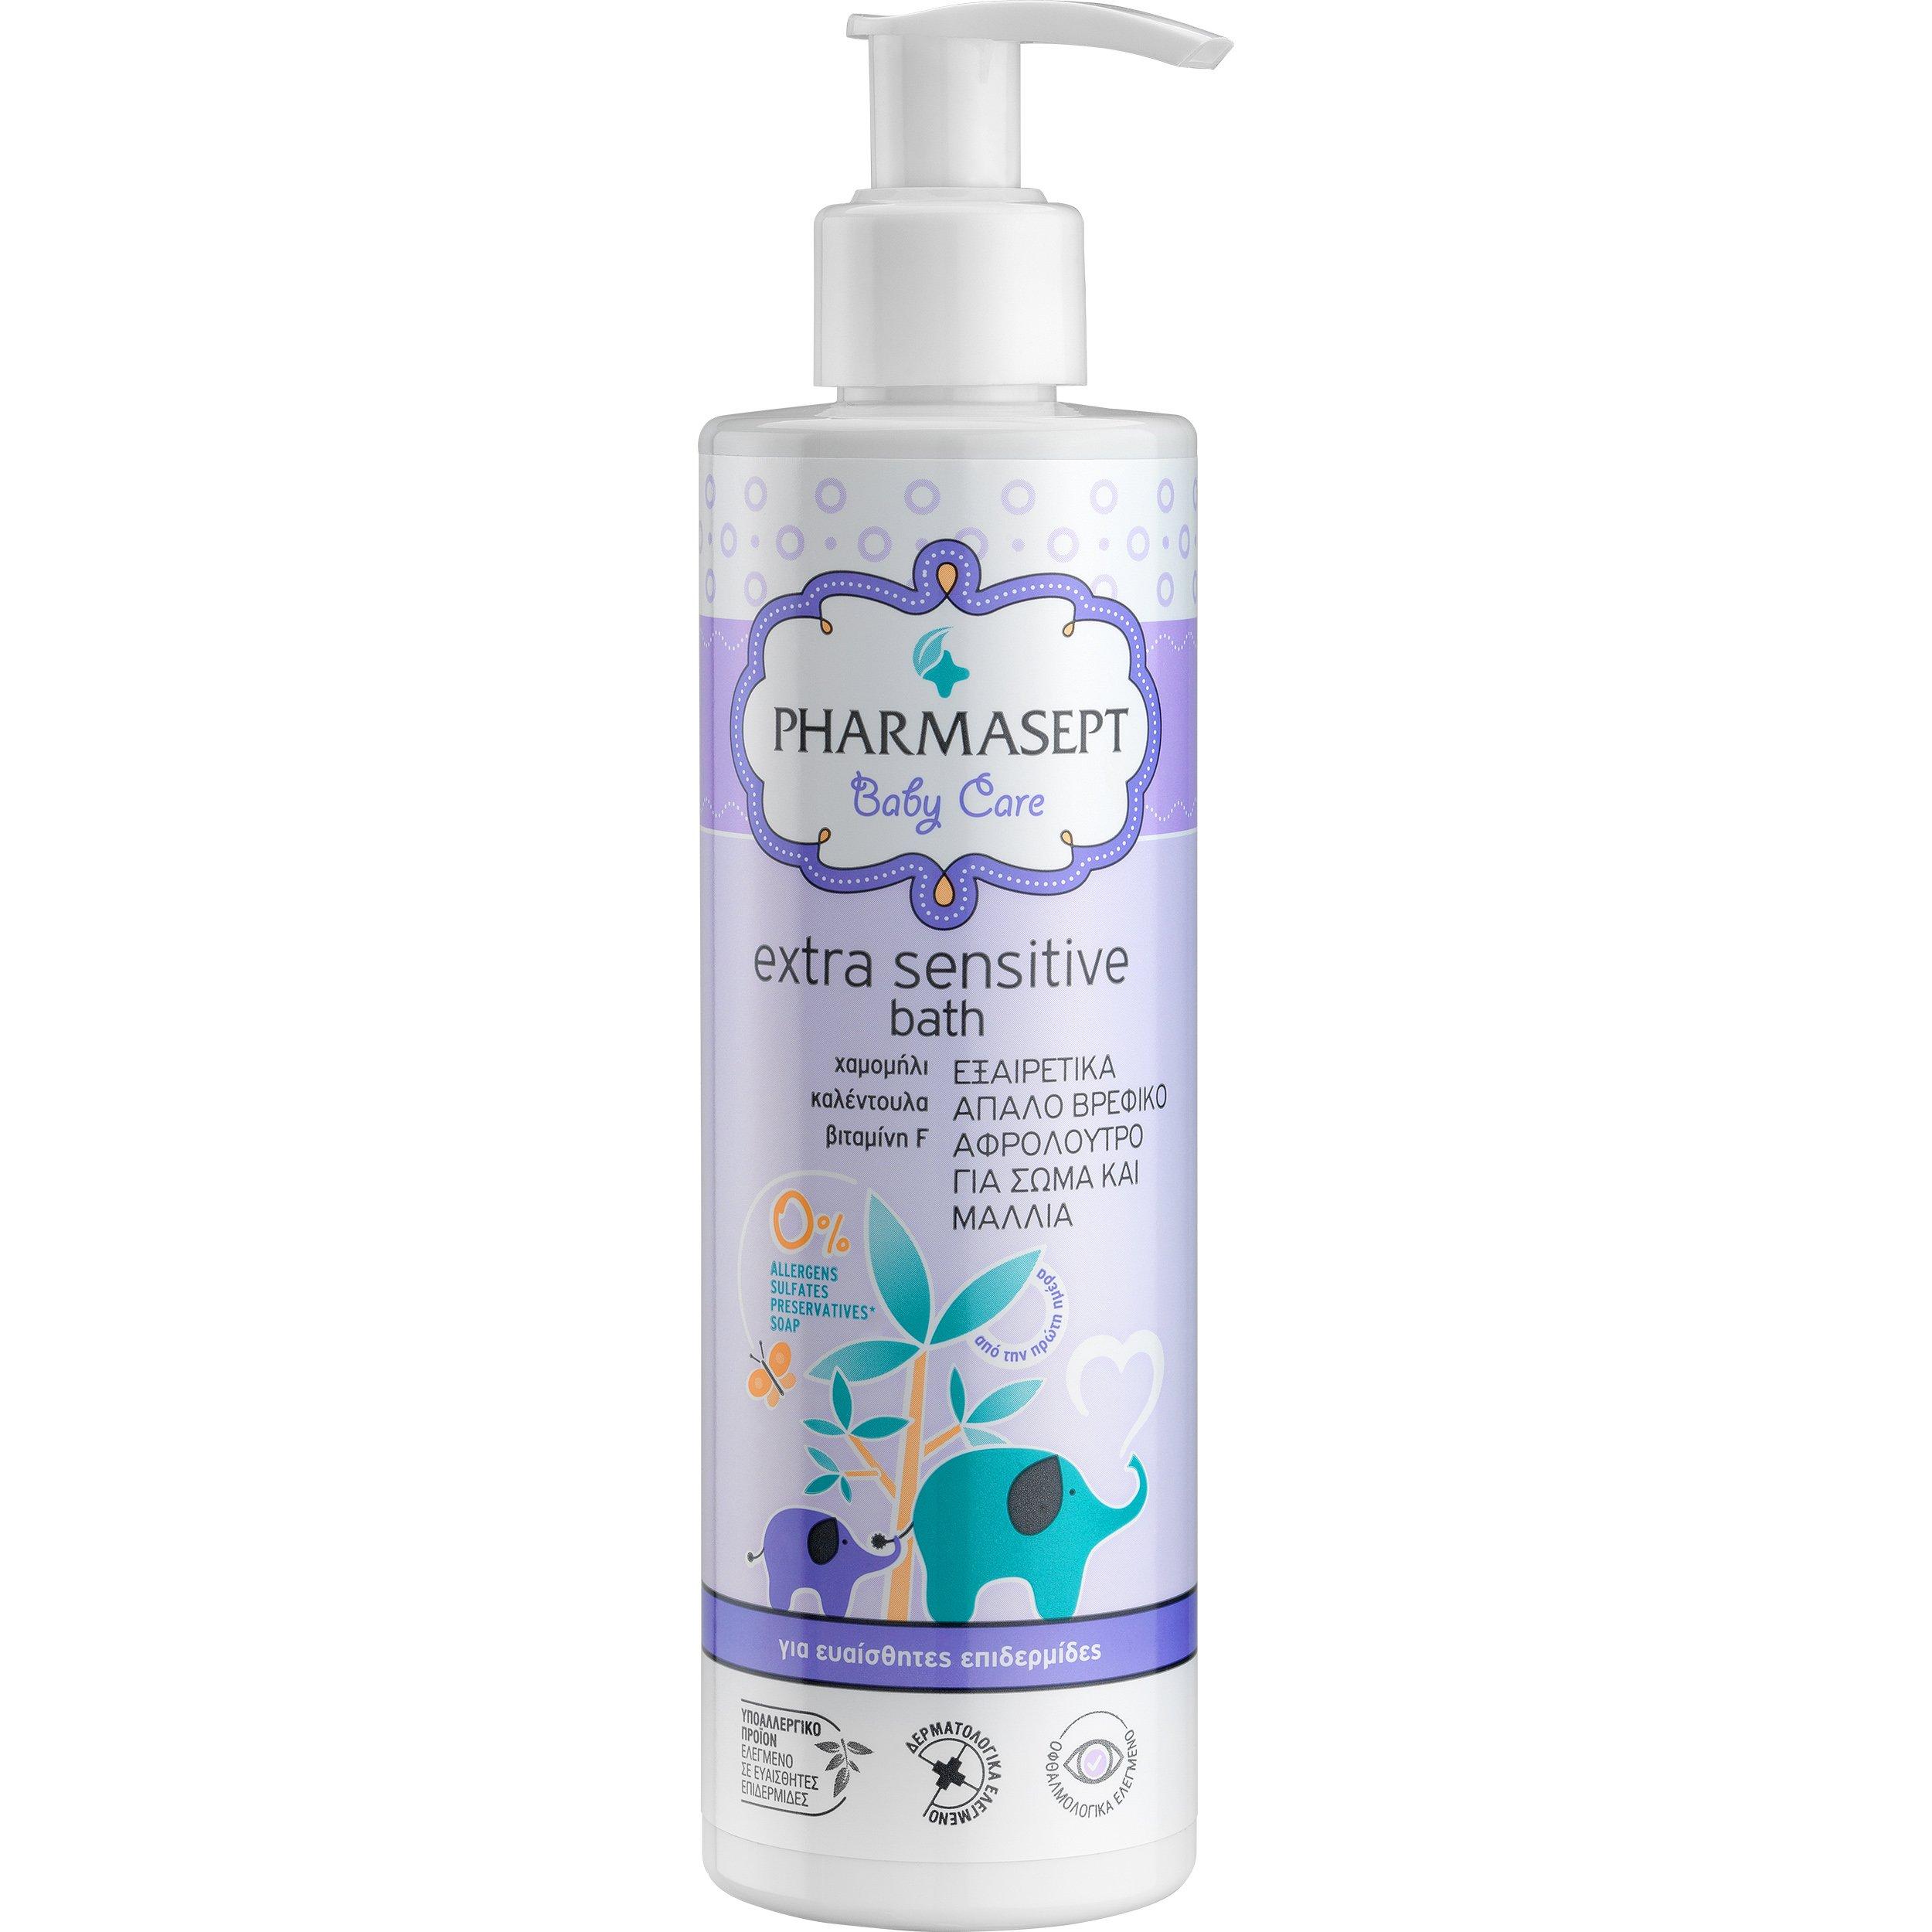 Pharmasept Baby Care Extra Sensitive Bath Πολύ Απαλό Βρεφικό Αφρόλουτρο για Σώμα & Μαλλιά 250ml